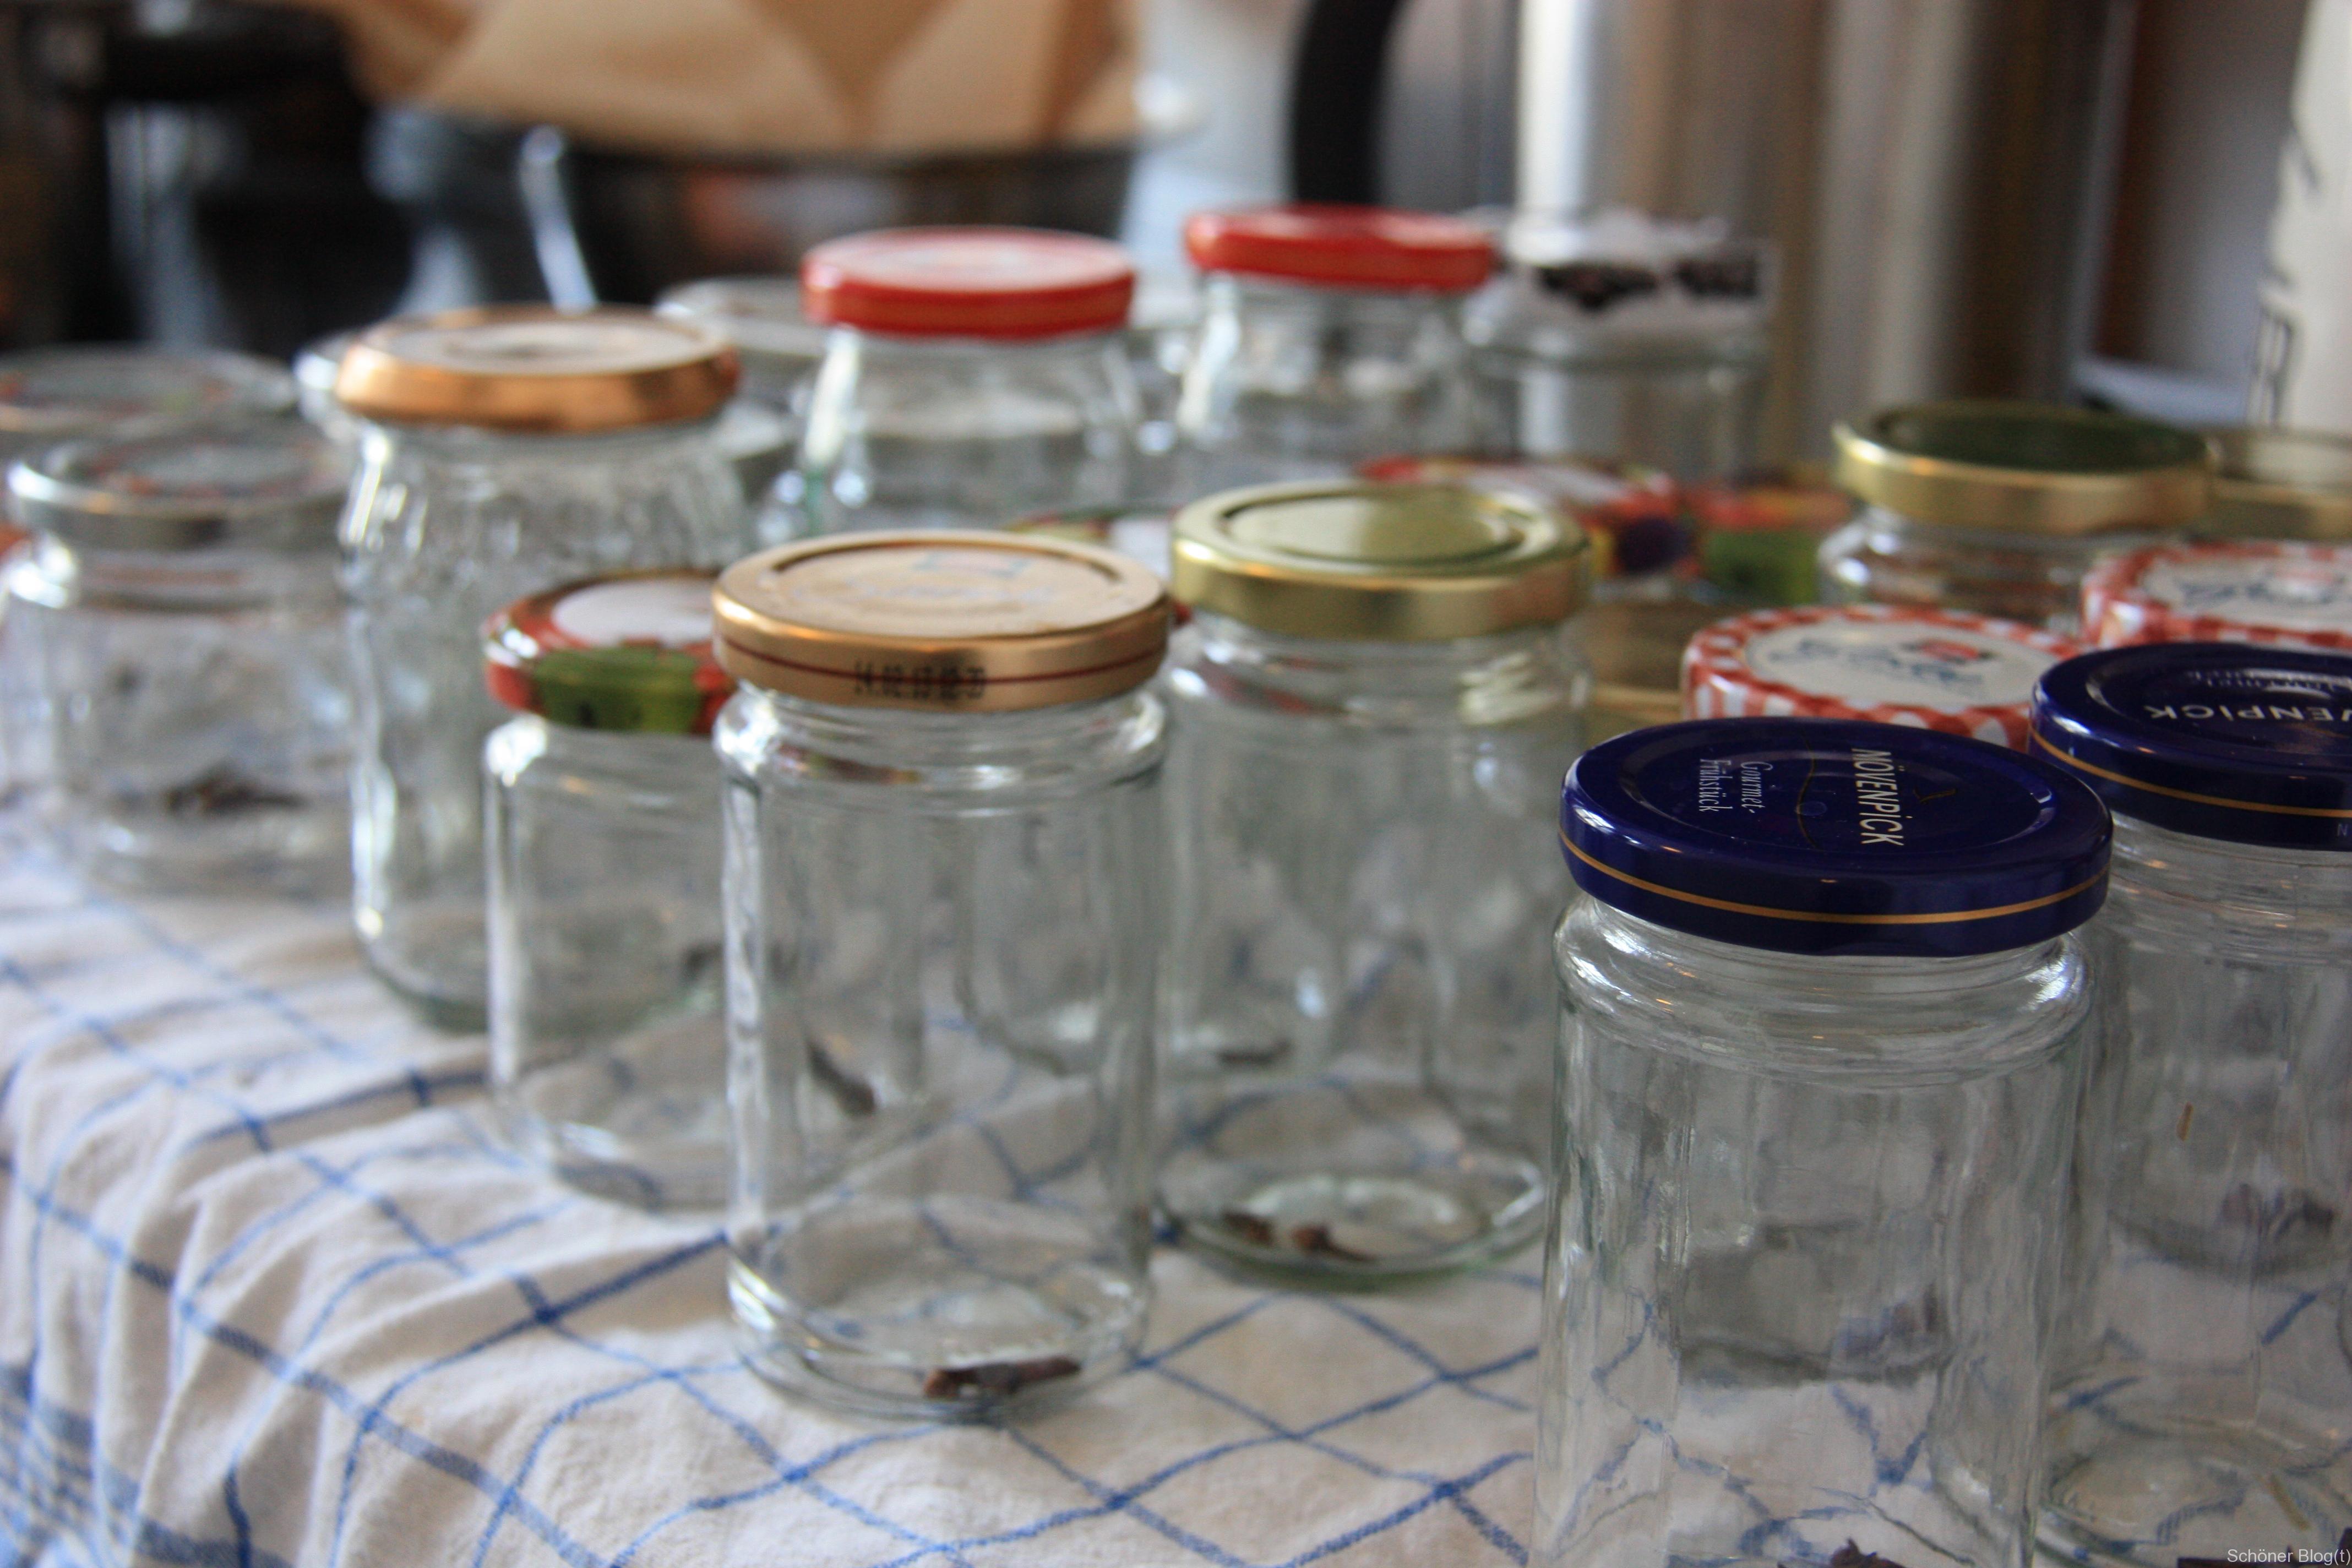 Marmelade kochen - Schöner Blog(t)